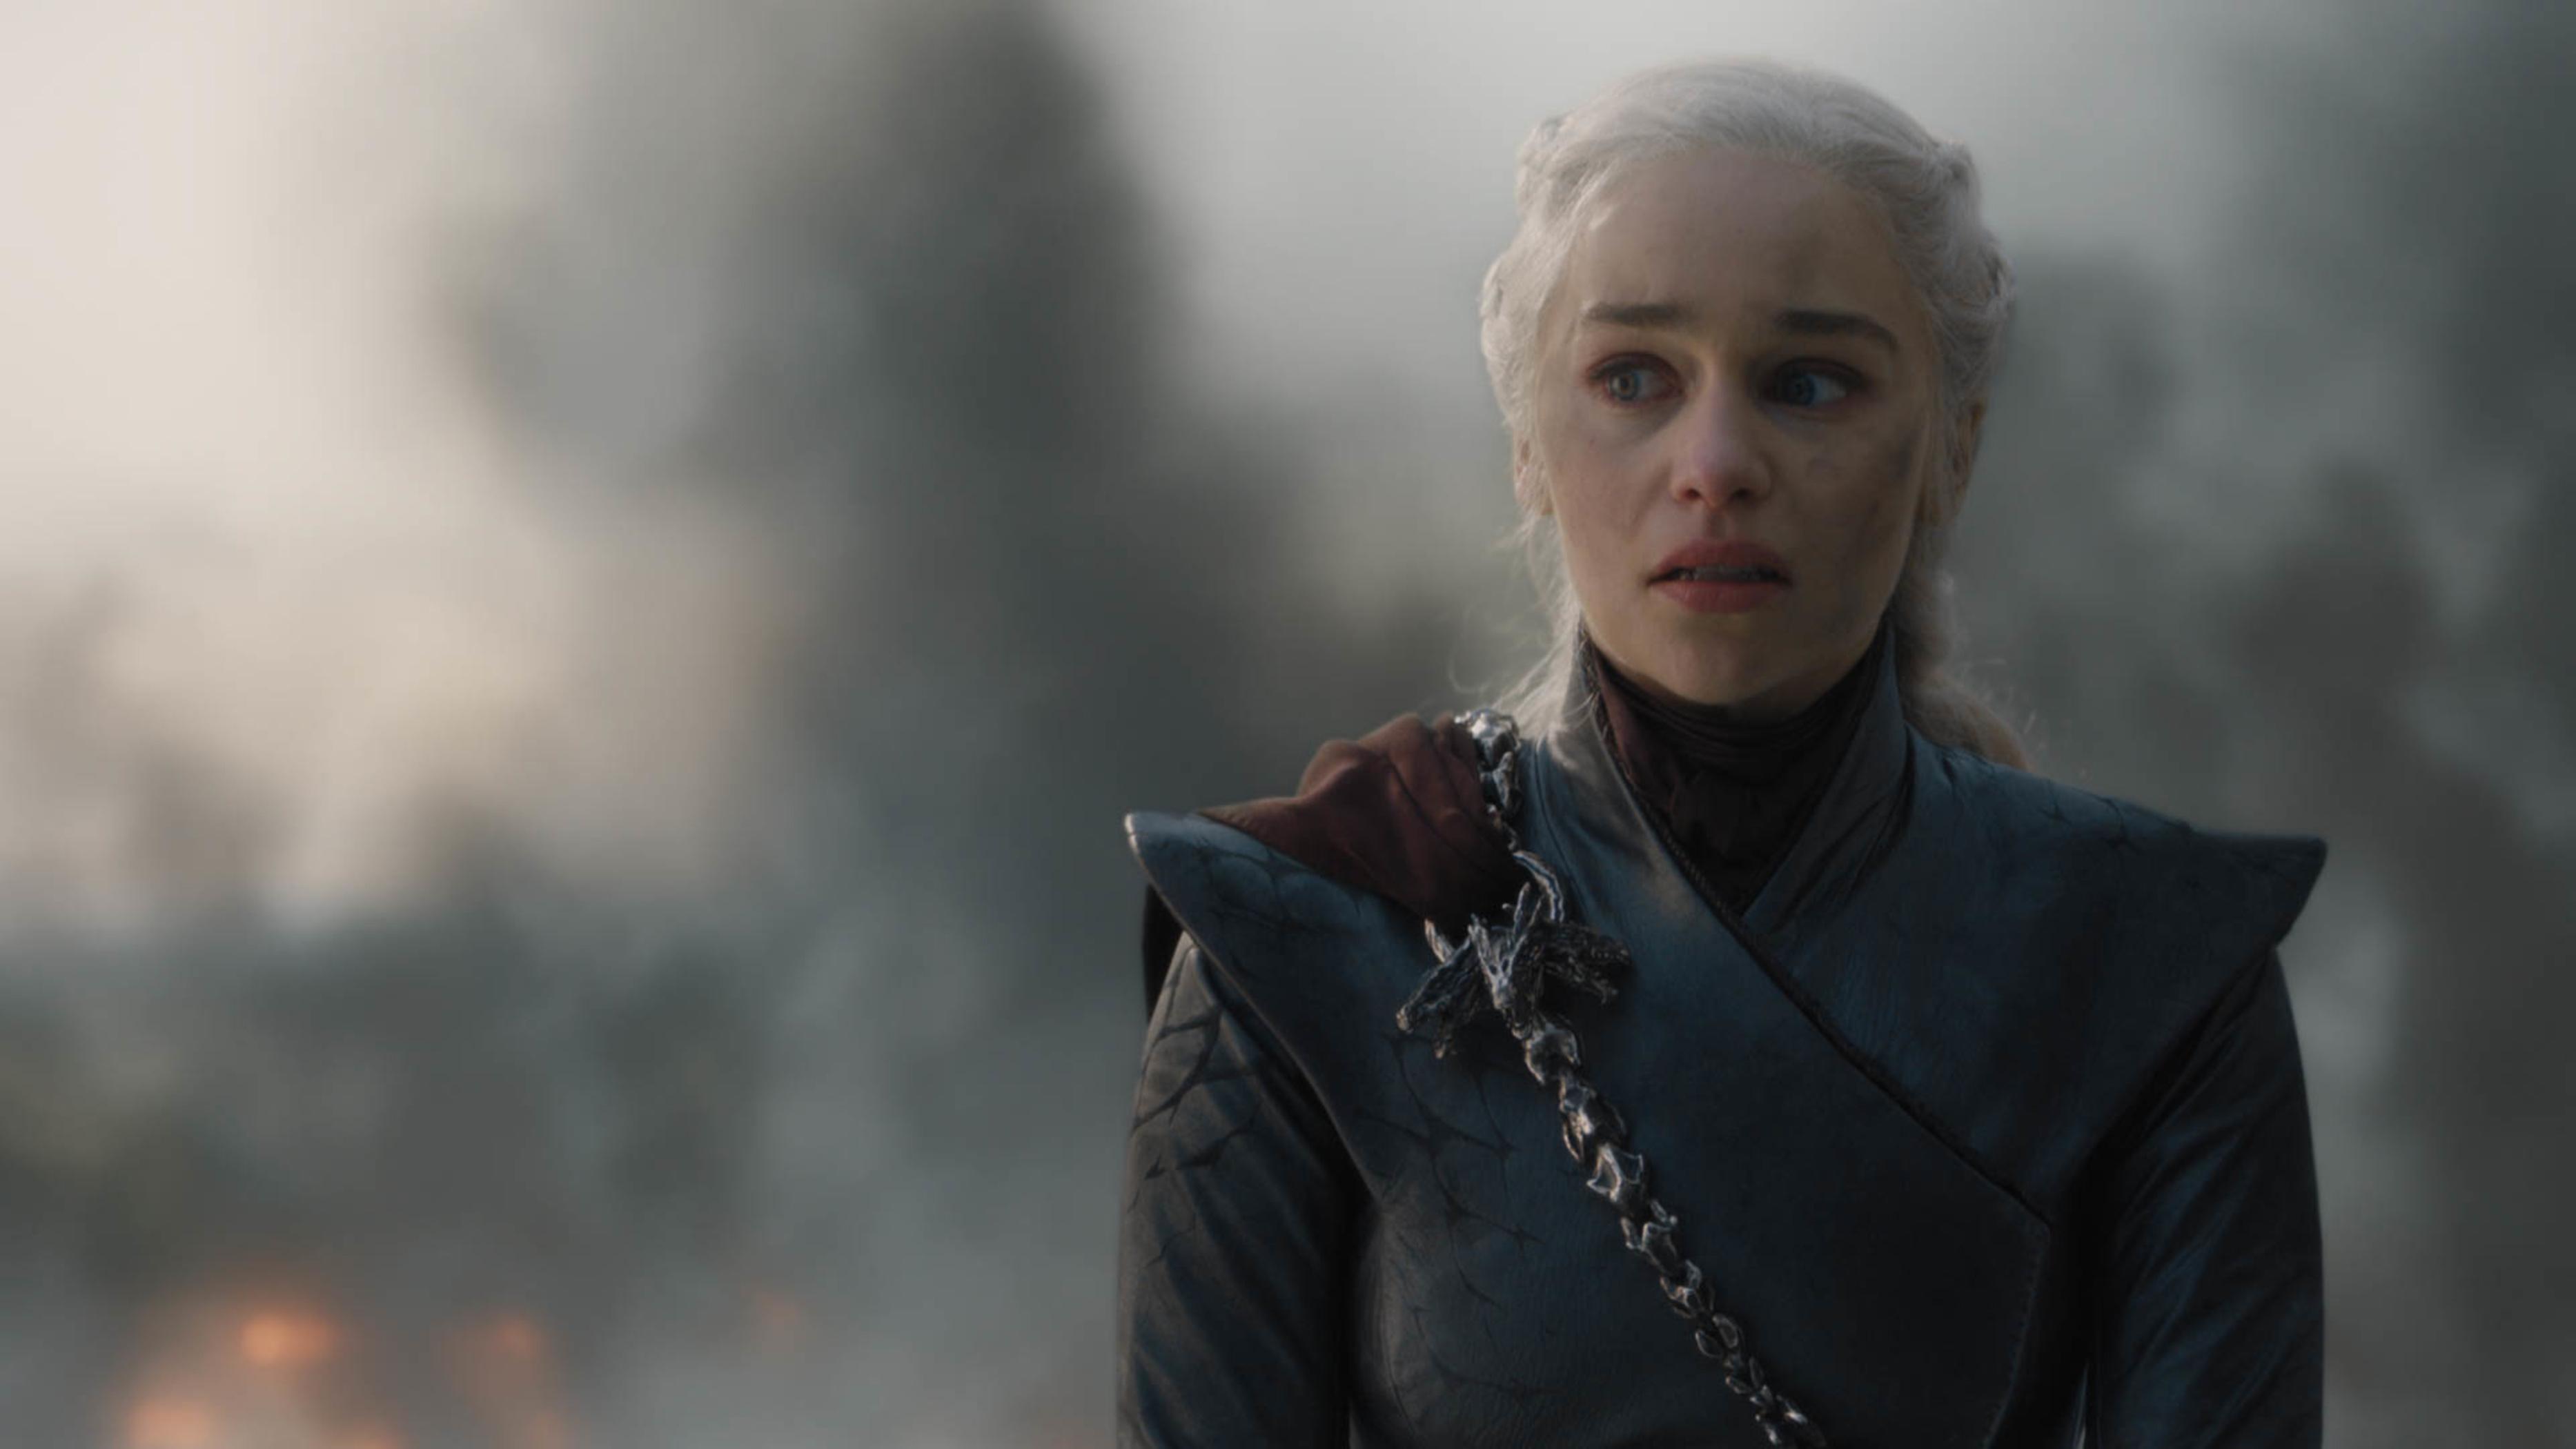 Daenerys Targaryen stares at King's Landing